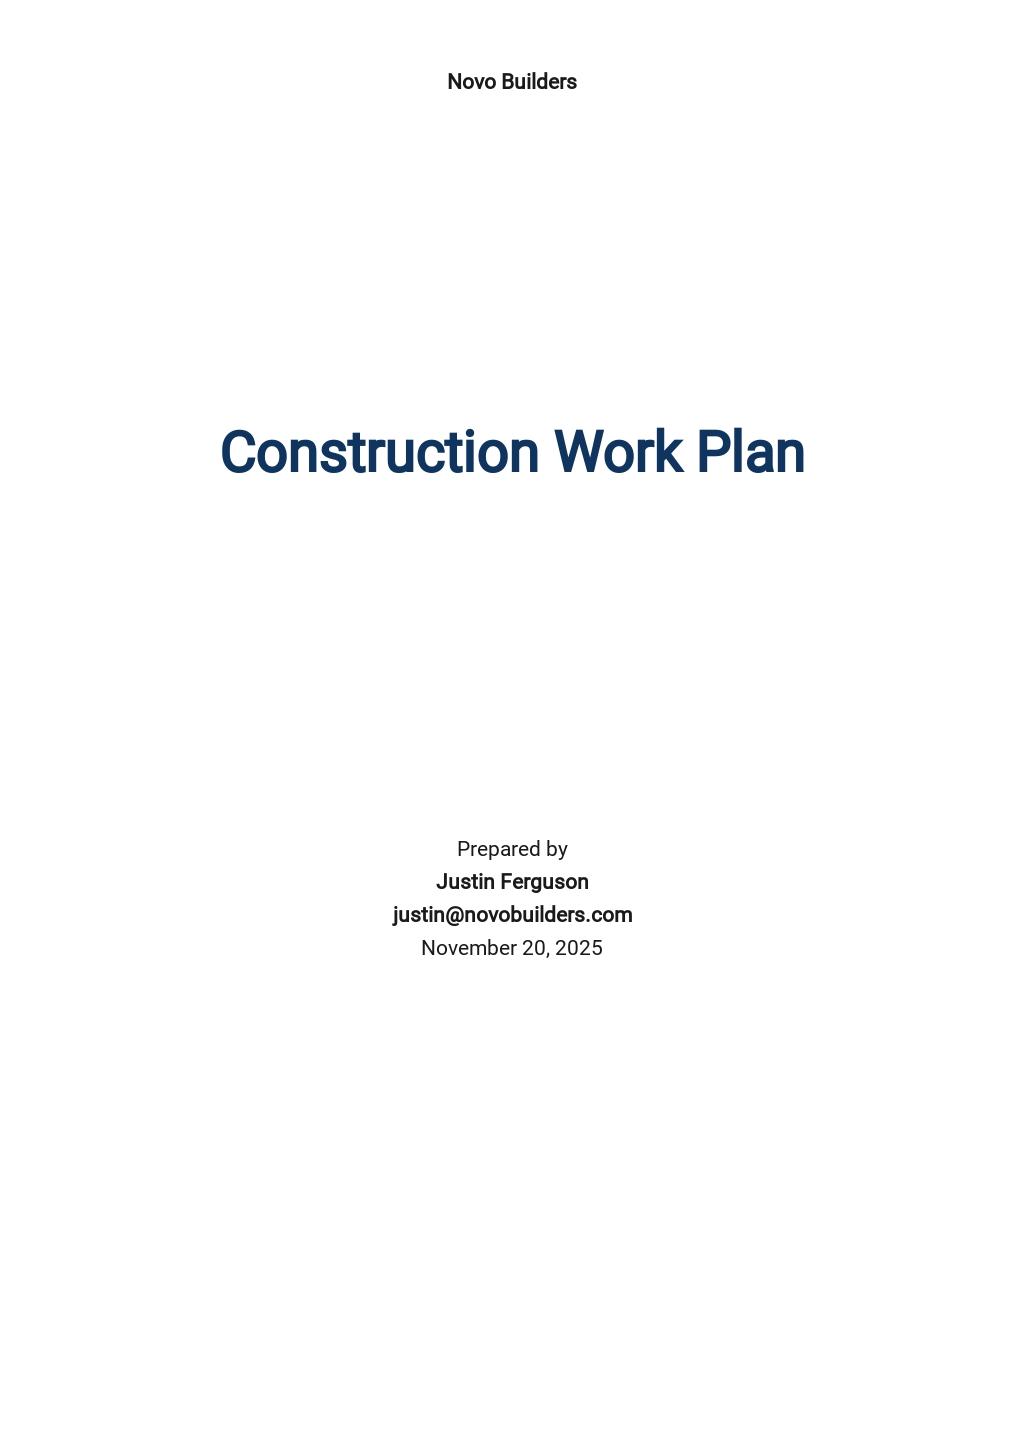 Construction Work Plan Template.jpe